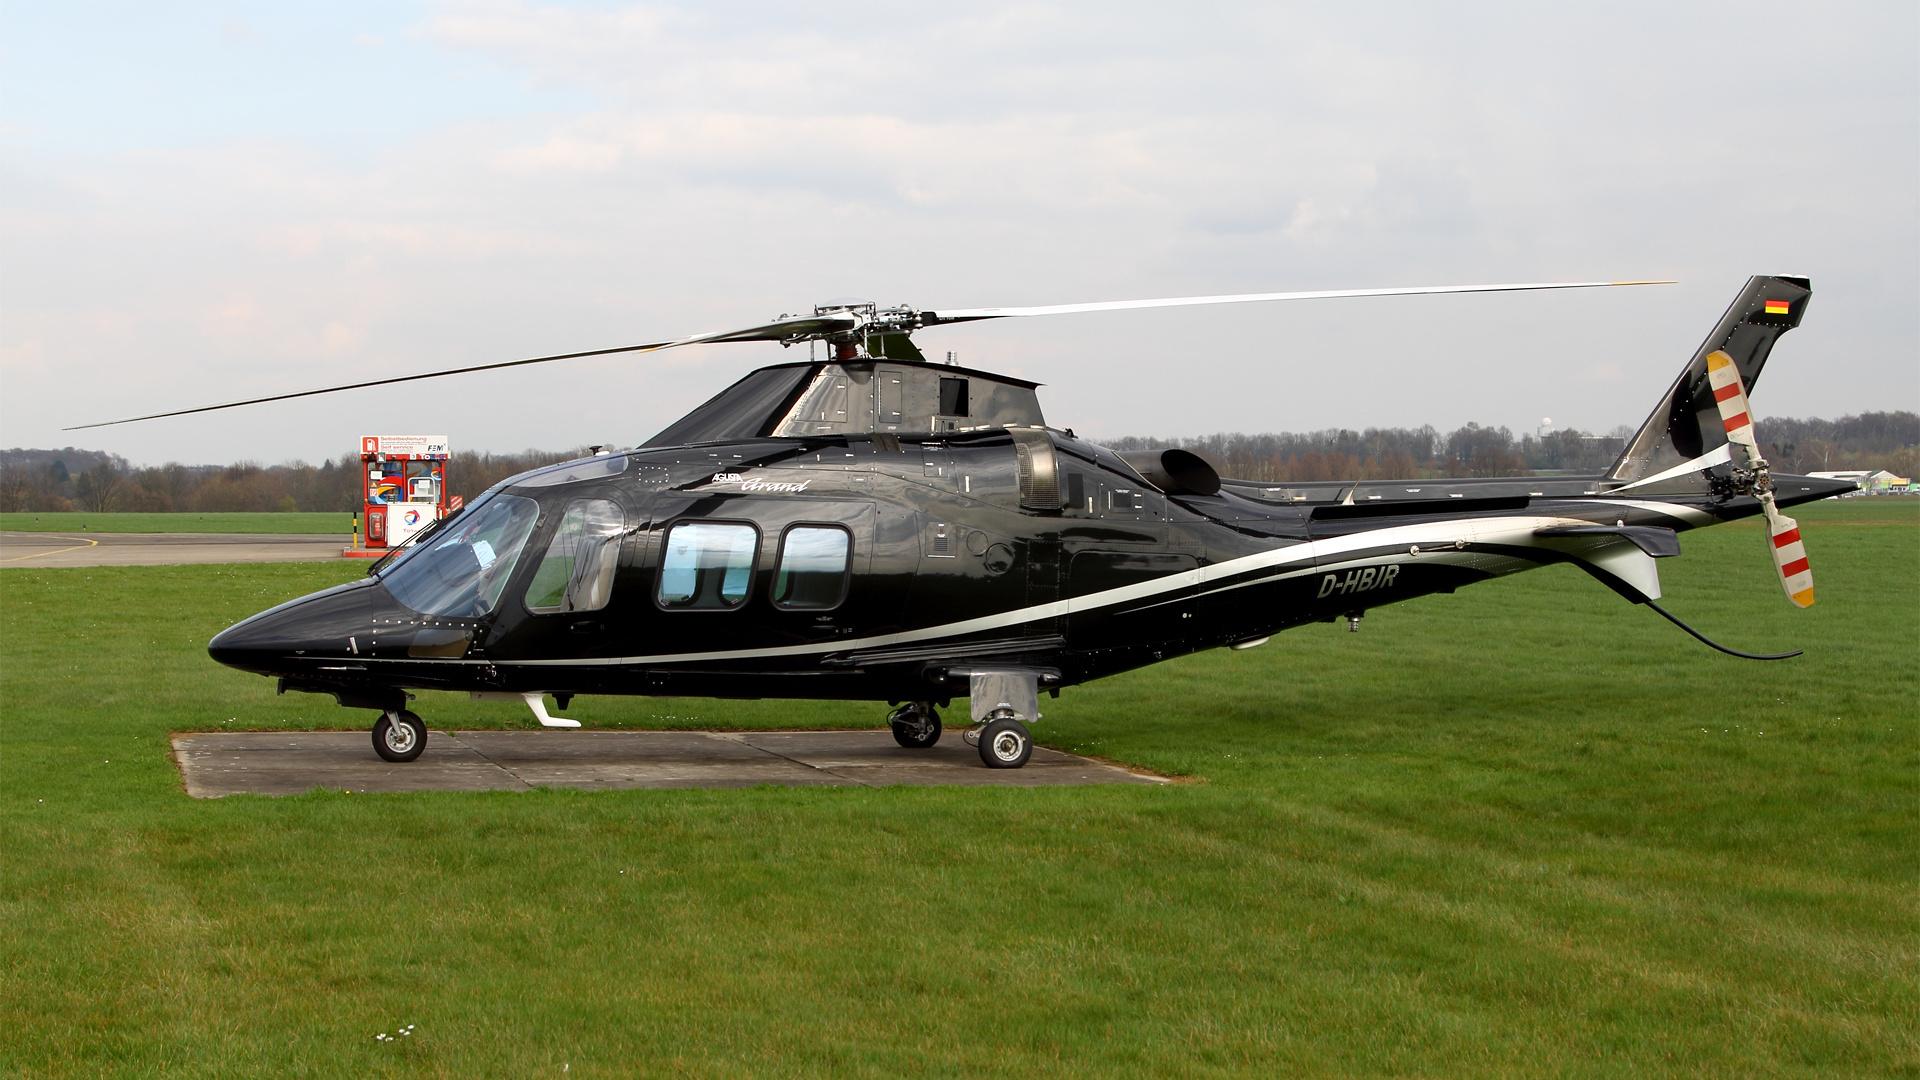 D-HBJR-1 A109 ESS 201604